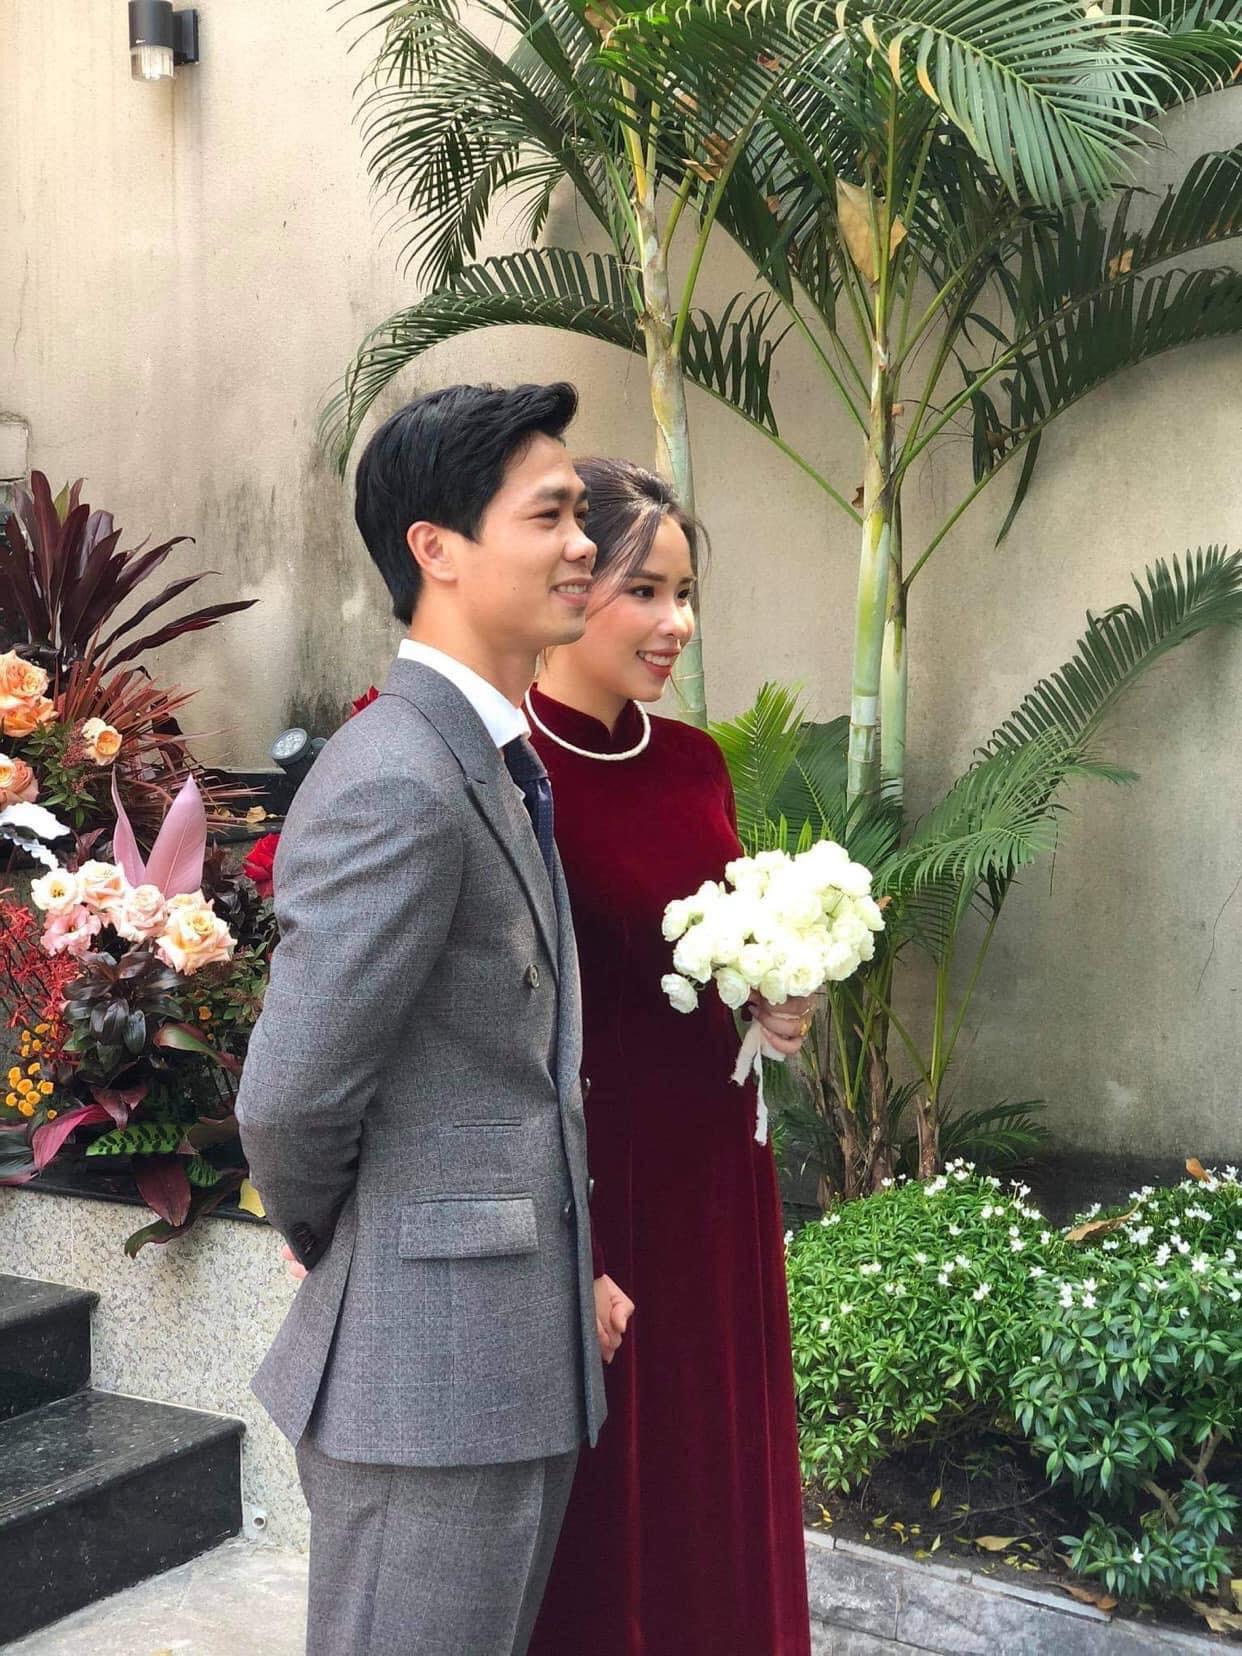 Lộ hình ảnh hiếm hoi trong đám cưới Công Phượng: Dàn bê tráp xịn xò mới thực sự choáng - Ảnh 2